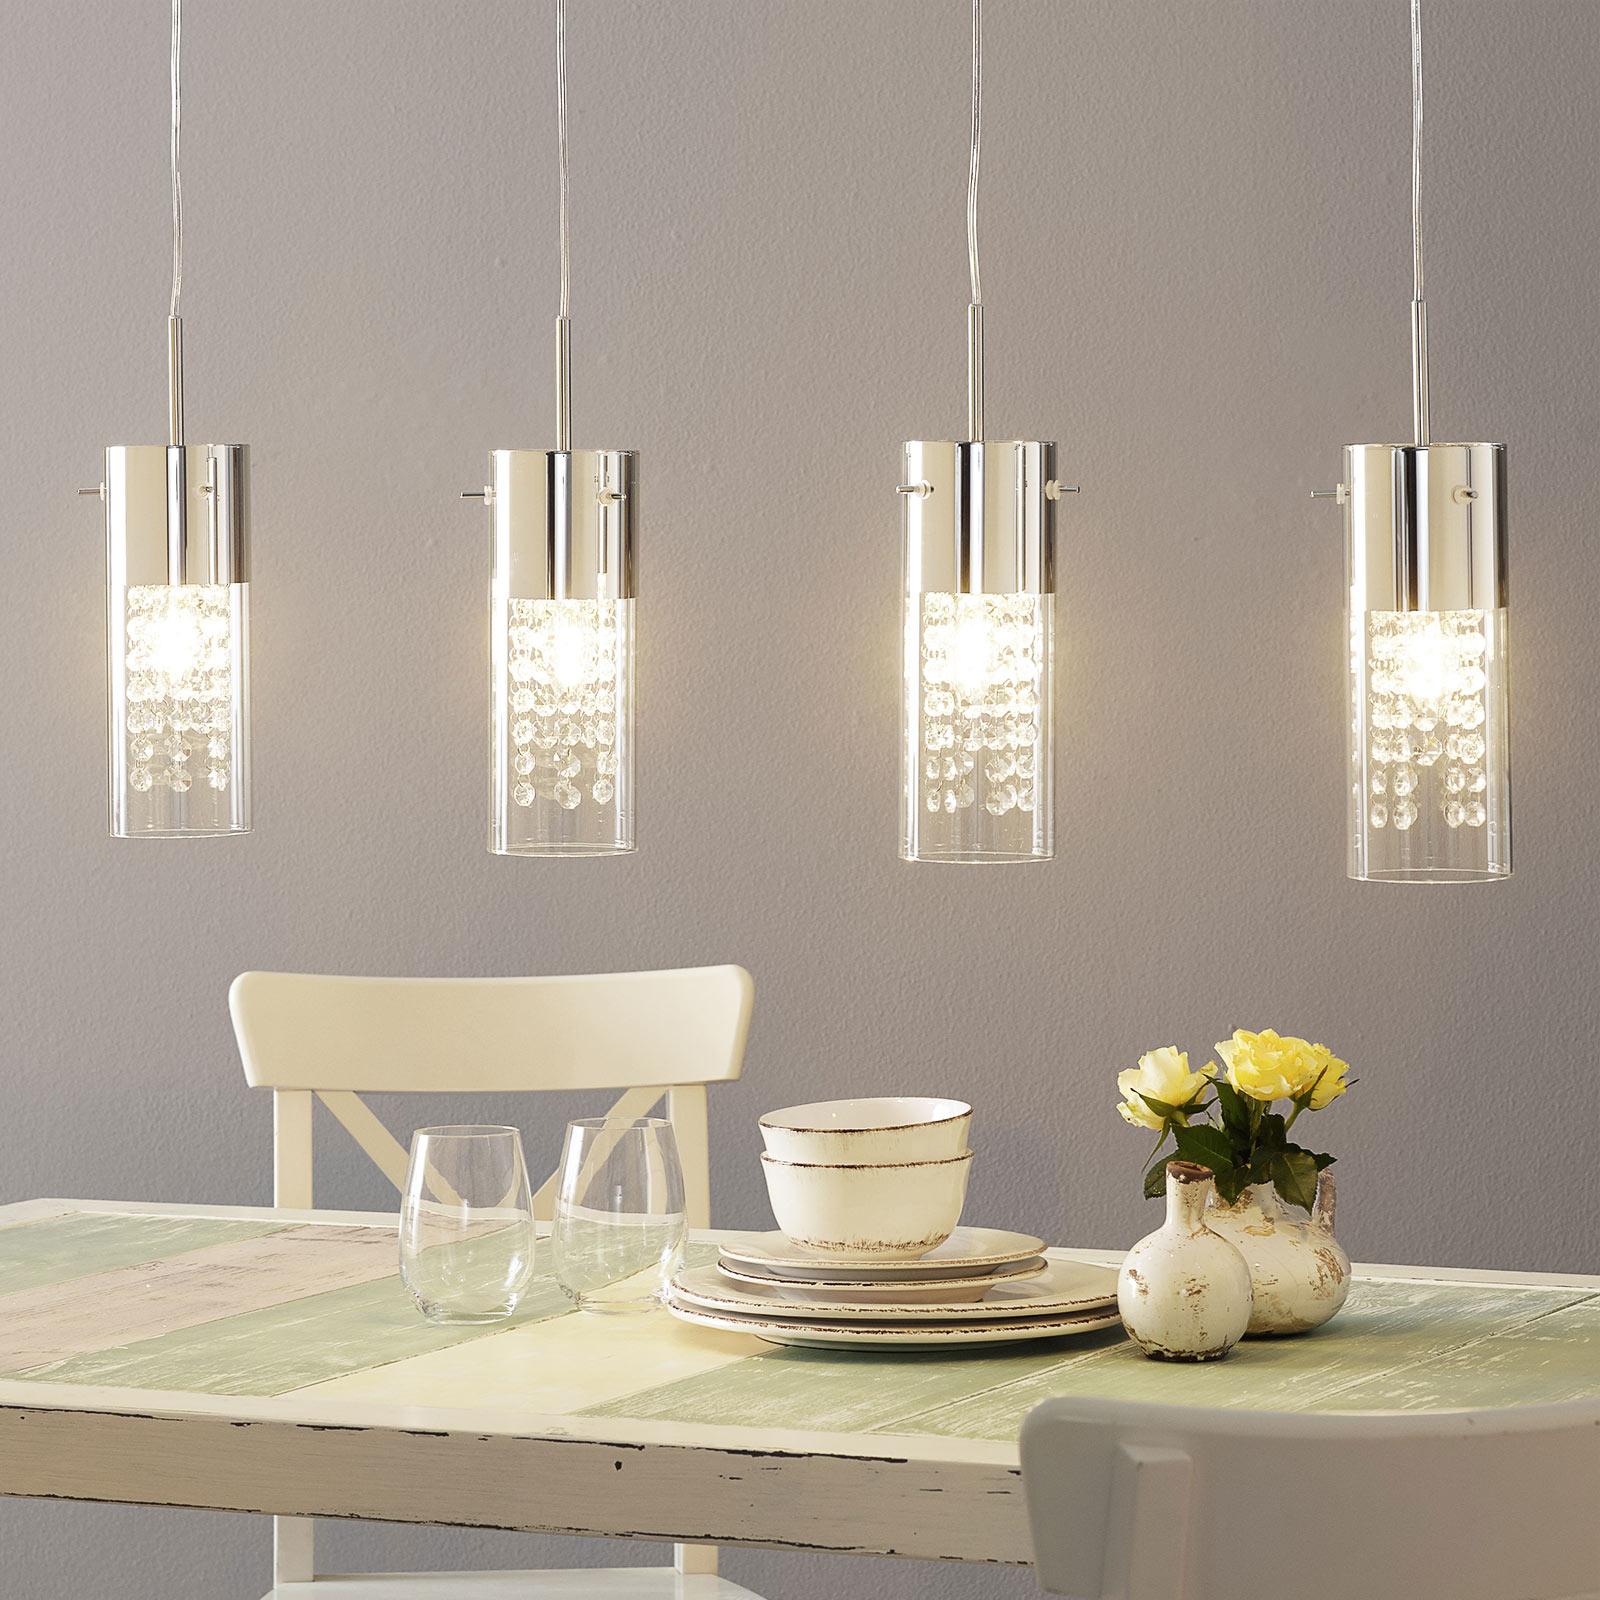 Affascinante lampada a sospensione Diamond 4 luci